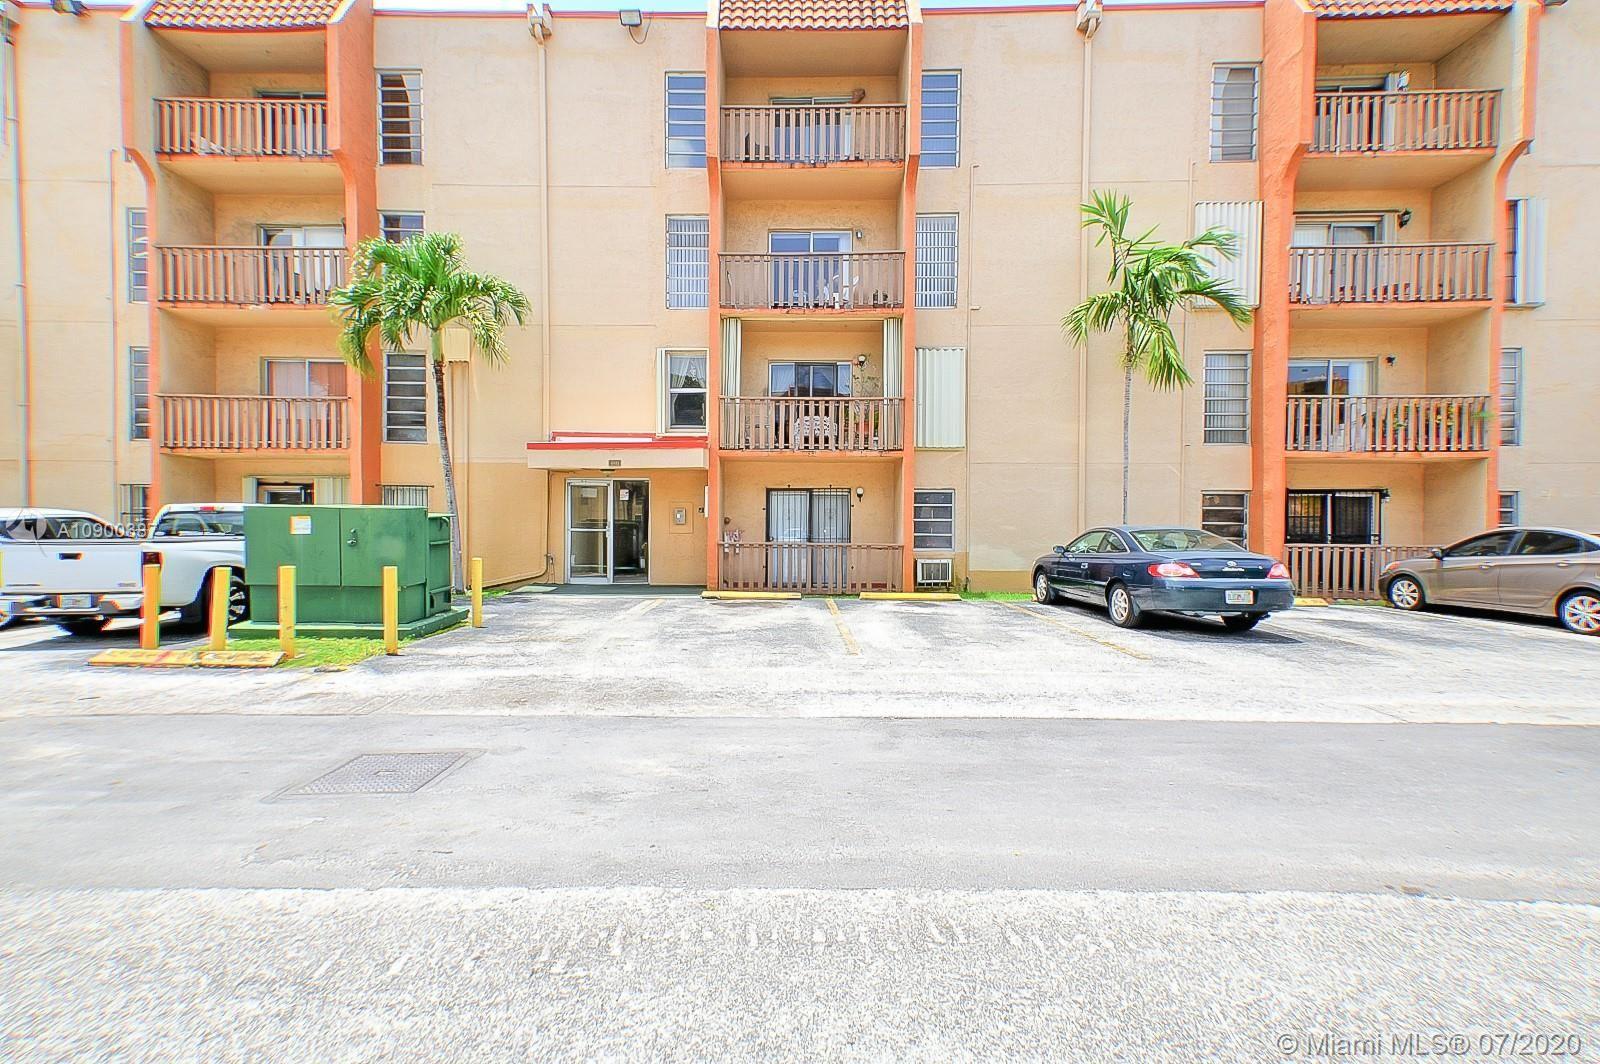 4841 NW 7th St #310-4, Miami, FL 33126 - #: A10900387